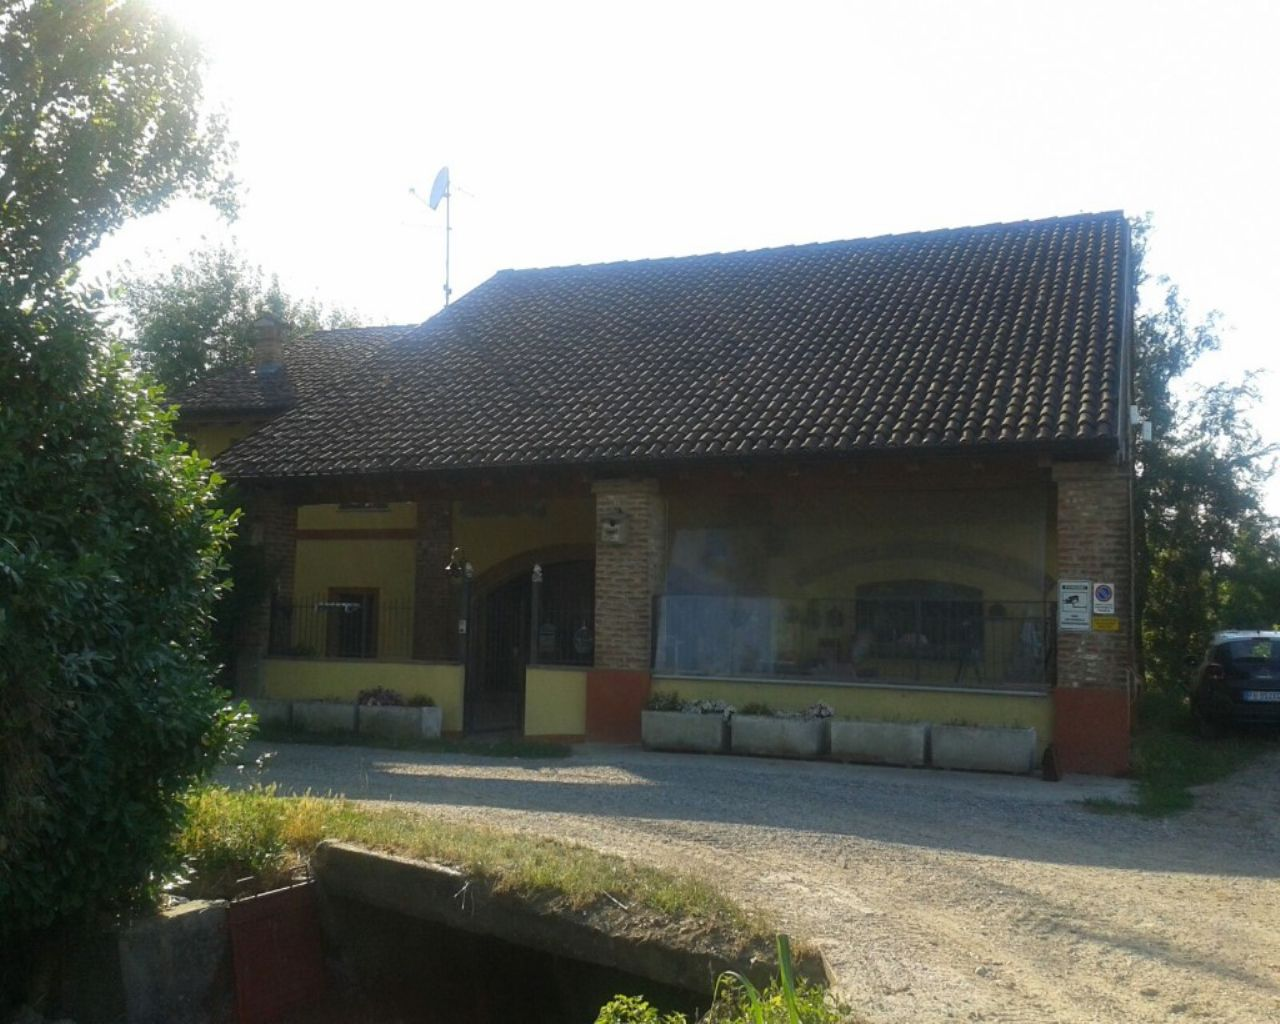 Soluzione Indipendente in vendita a Castiglione d'Adda, 5 locali, Trattative riservate | CambioCasa.it